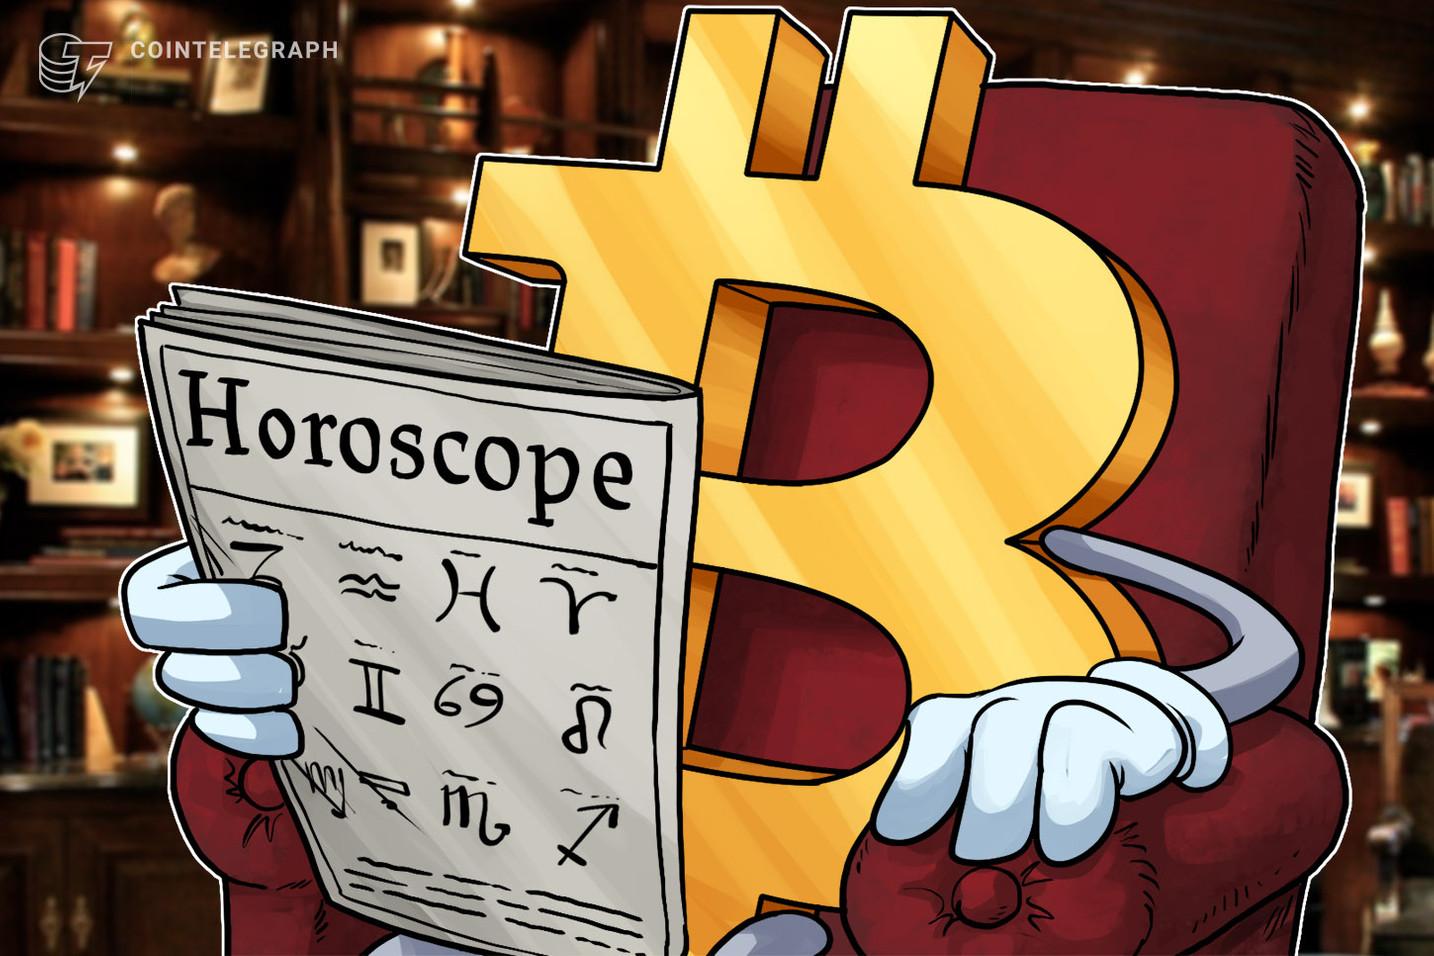 O analista de cripto Ran NeuNer retira sua afirmação de que o Bitcoin atingirá US $ 50 mil em 2018